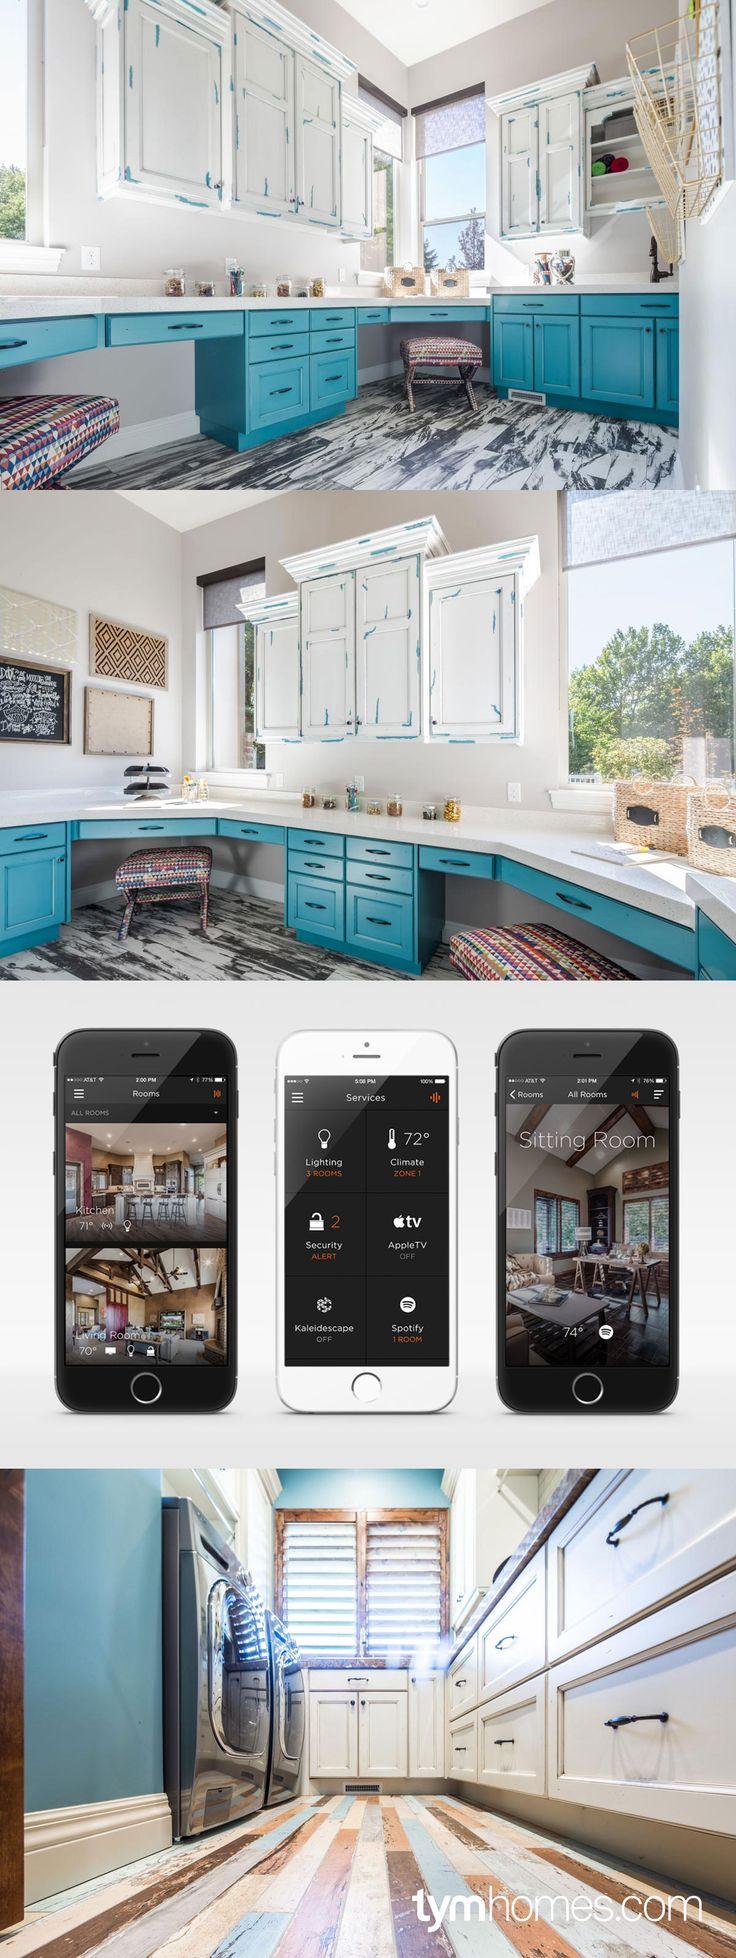 48 best Savant Home Automation images on Pinterest Savant home